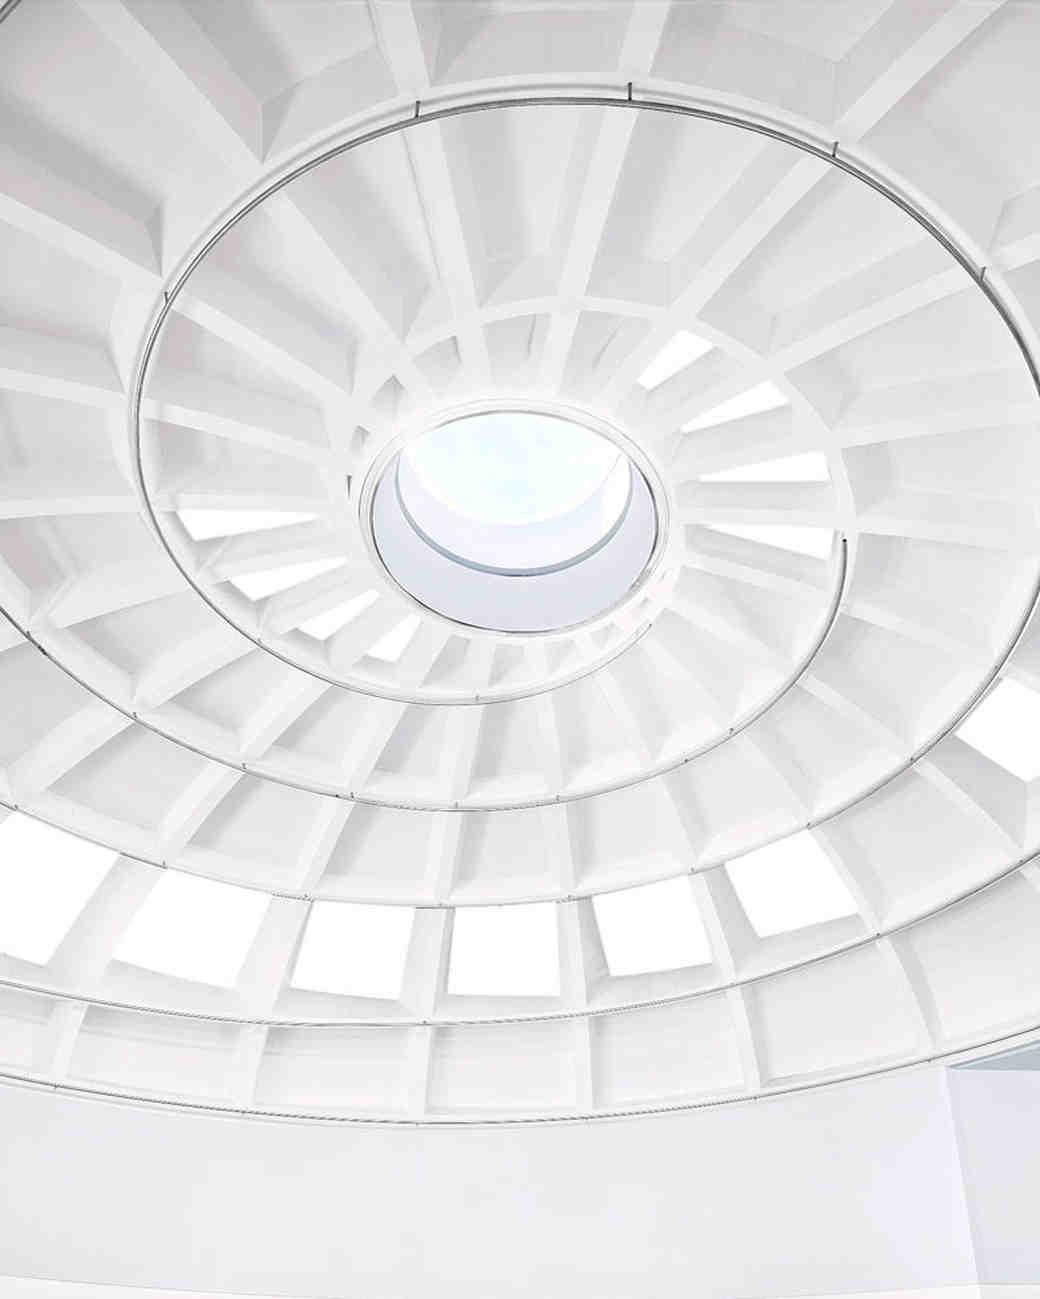 faena forum miami ceiling